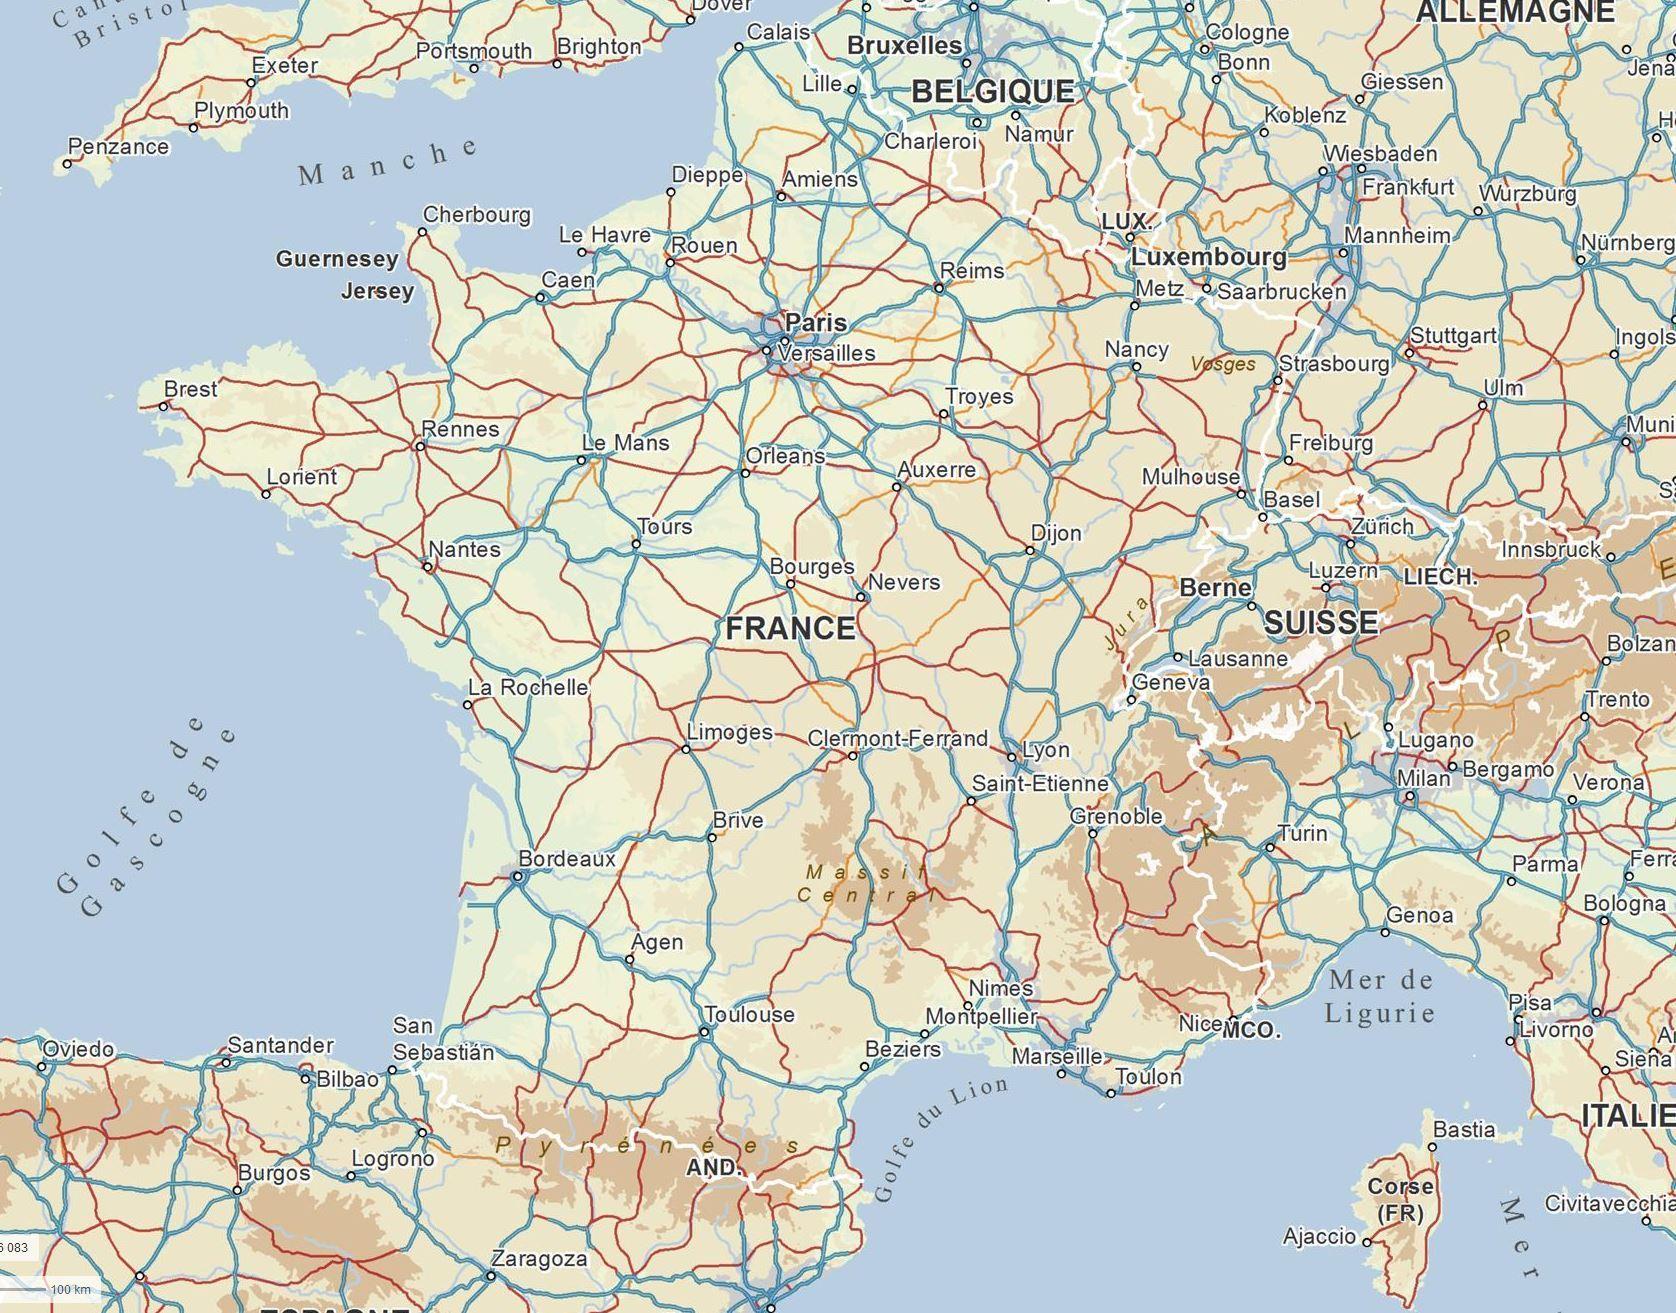 Carte Routiere : Carte Des Routes De France, Calcul D intérieur Carte Routiere France Gratuite